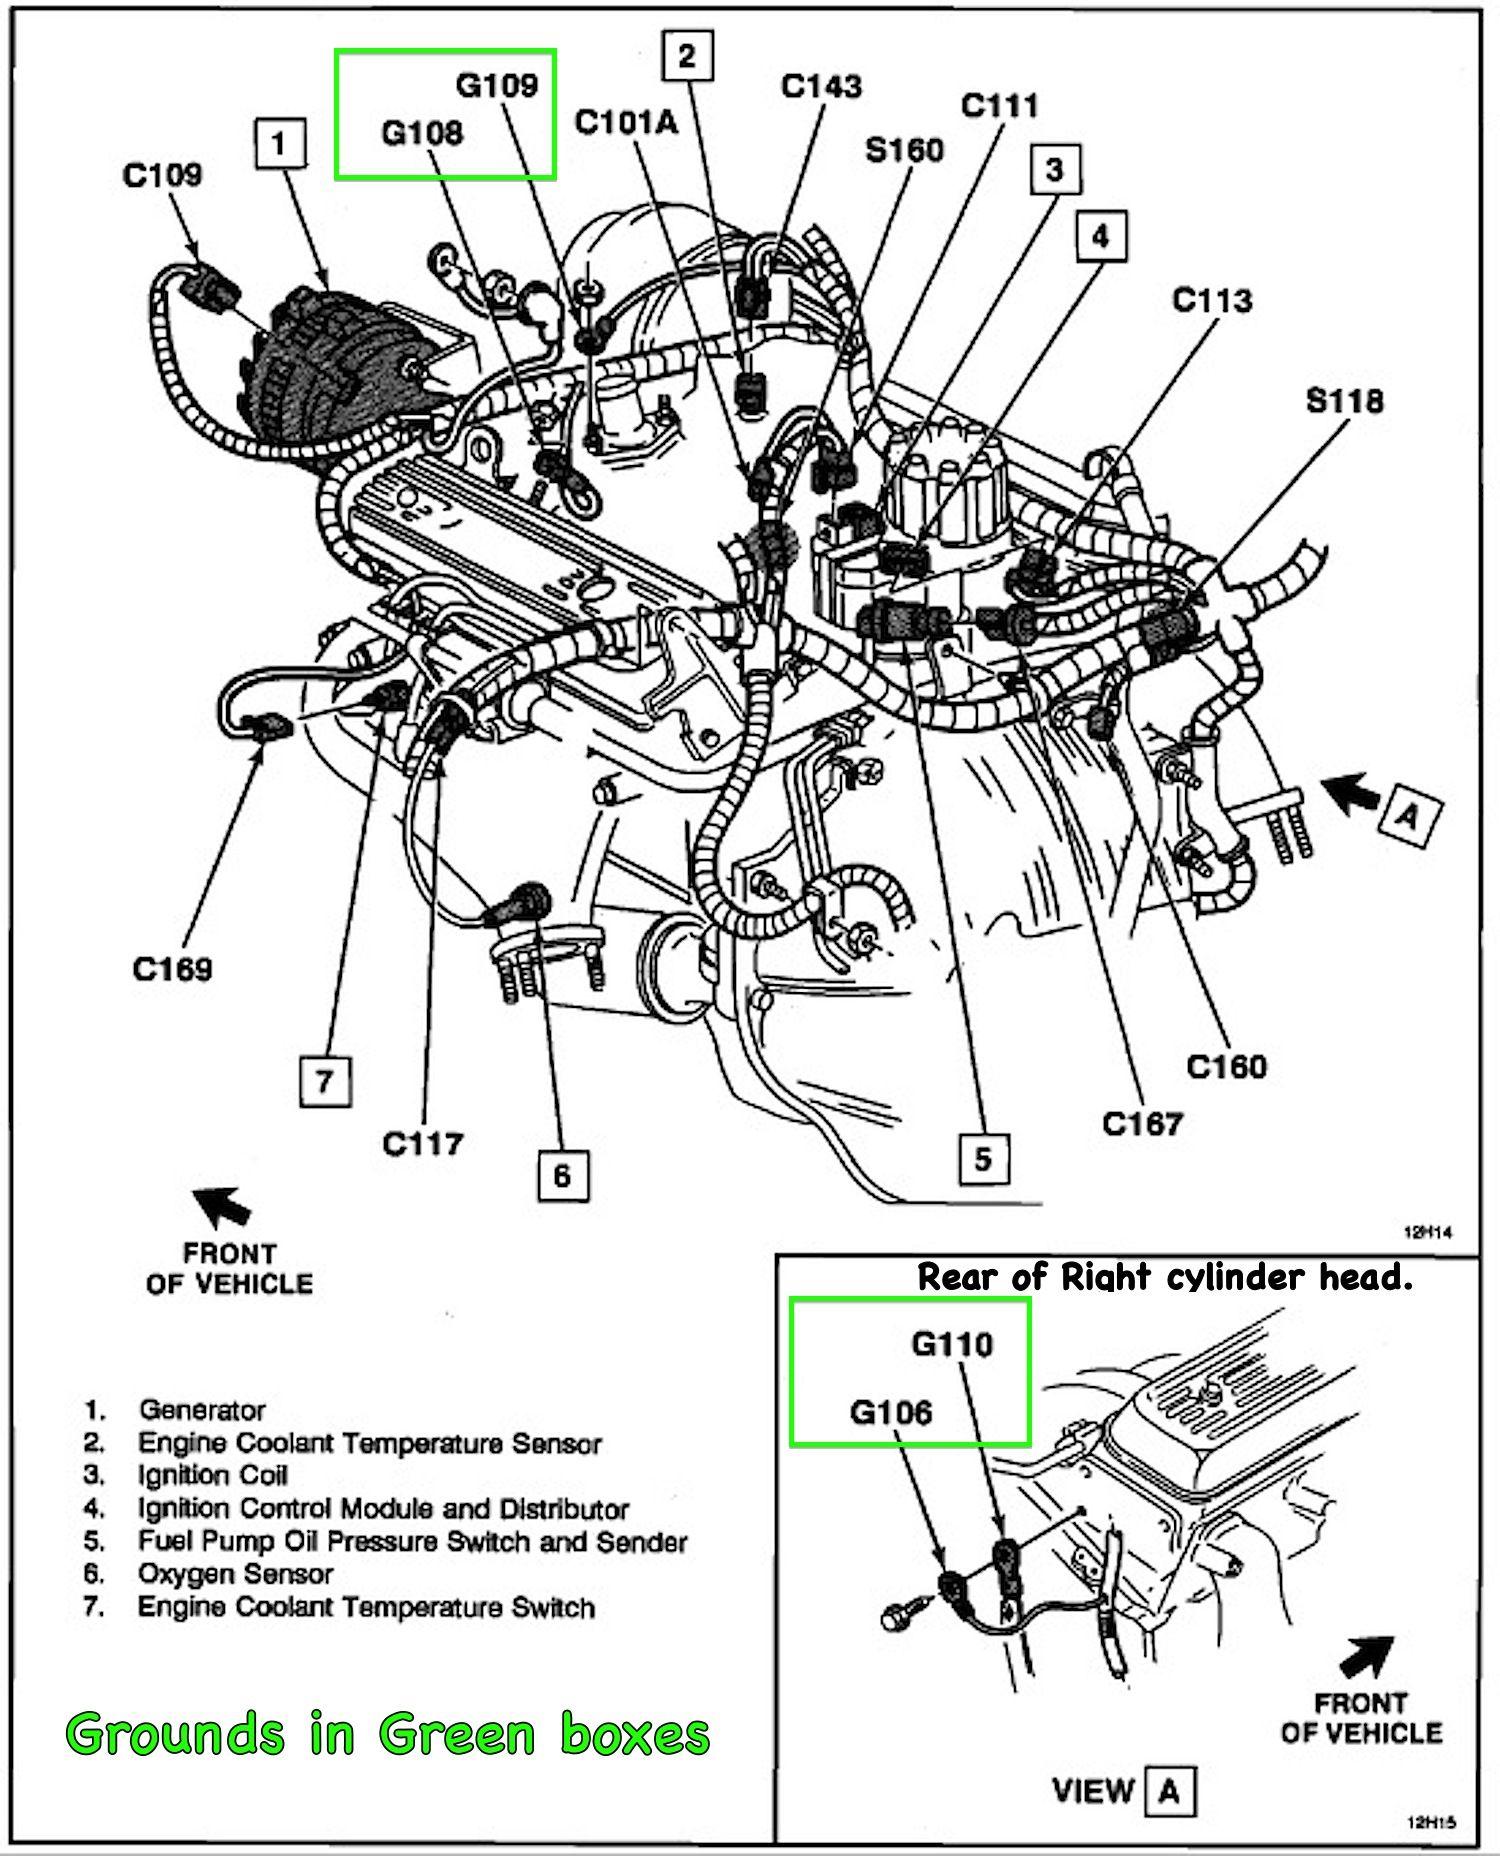 [SCHEMATICS_4FD]  ER_6639] Chevy V 8 Engine Diagram Free Diagram | Chevy 350 Engine Schematic |  | Spoat Mopar Bdel Elae Animo Bemua Mohammedshrine Librar Wiring 101